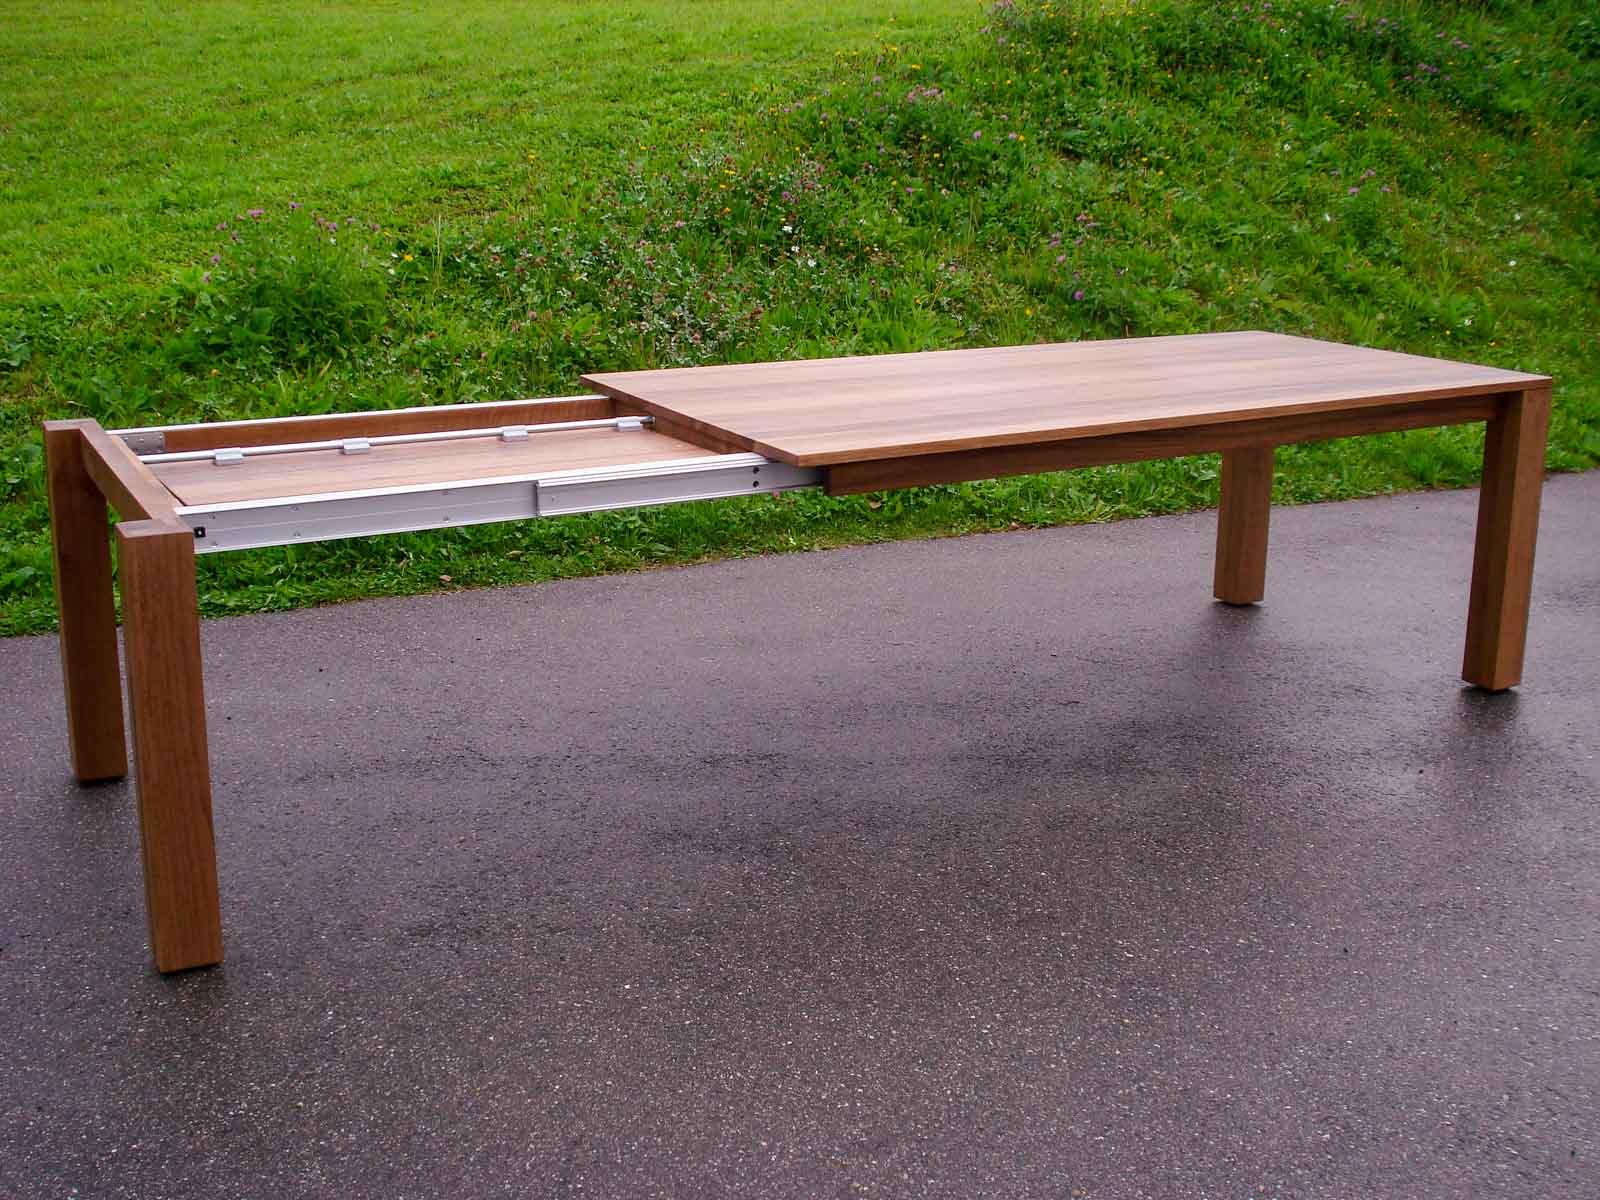 Wooddesign_Nussbaum massiv_ausziehbar_Ausziehtisch_Tischeinlage unter dem Tisch_Tischbeine mitlaufend (4)